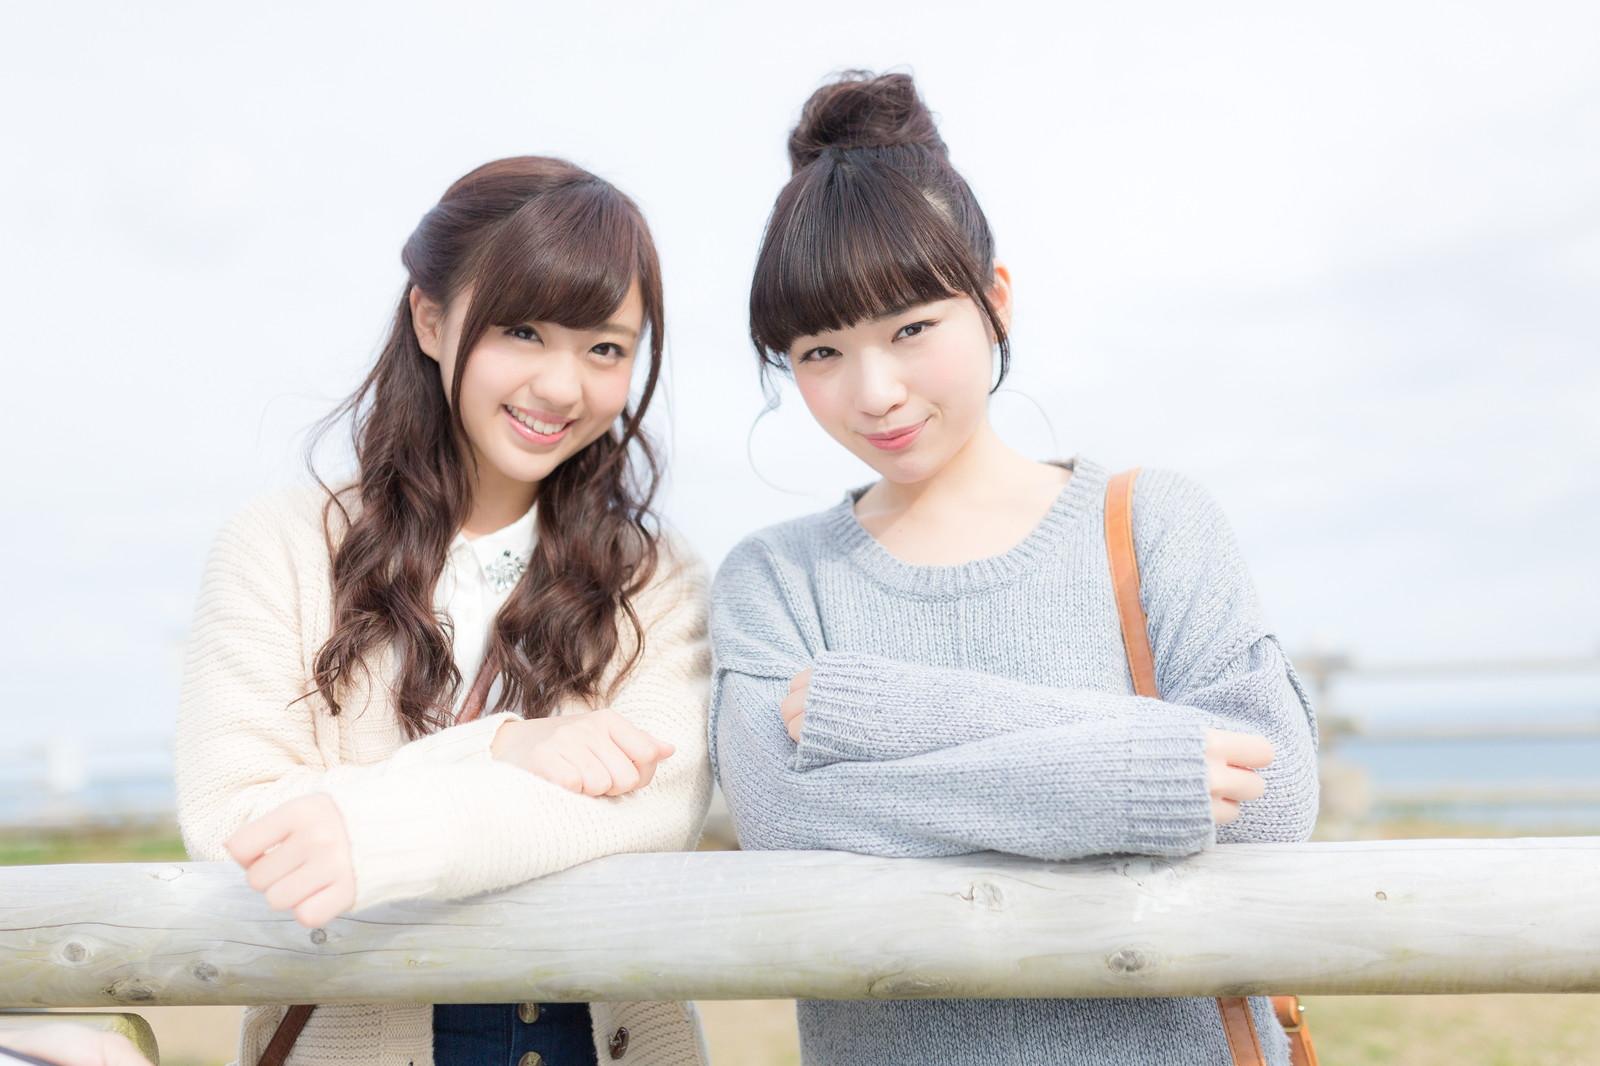 葉山に女子旅きっぷで旅行に行こう!お得に楽しむ方法を紹介!